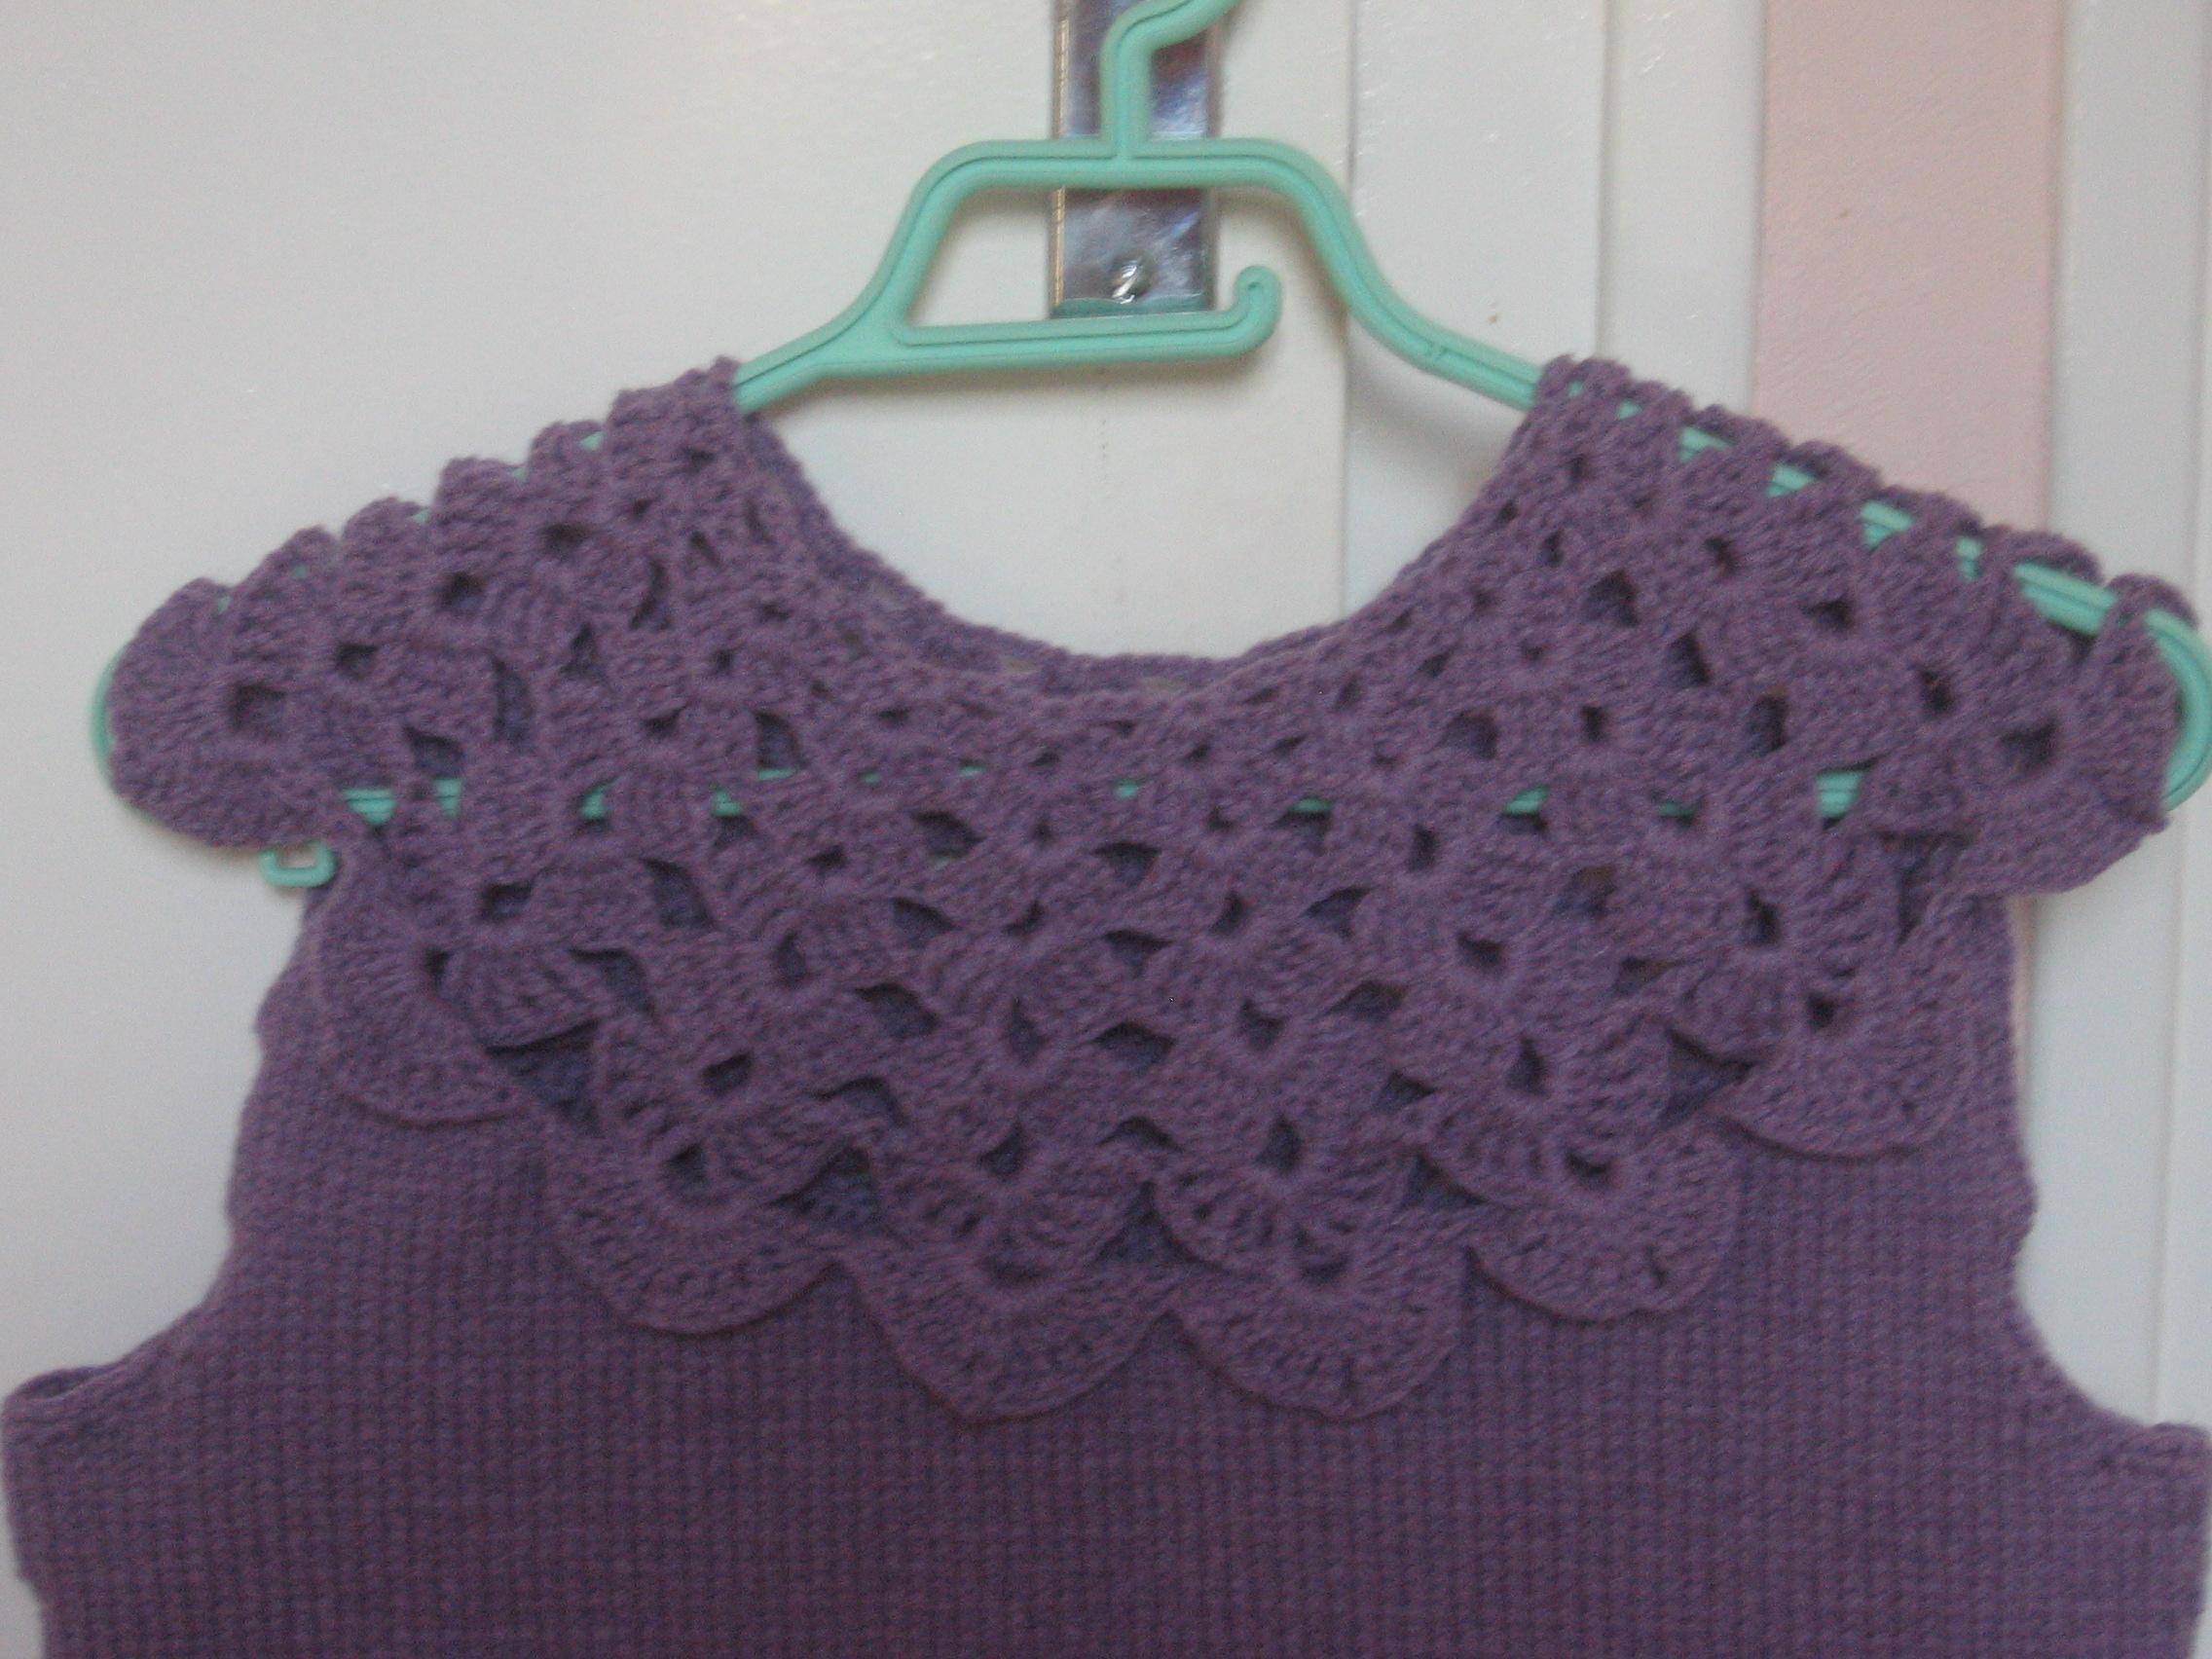 http://sd-2.archive-host.com/membres/images/97526661031680376/VETEMENTS_AU_CROCHET/Debardeur_Tricot-Crochet_Violet/IMG_1874.JPG